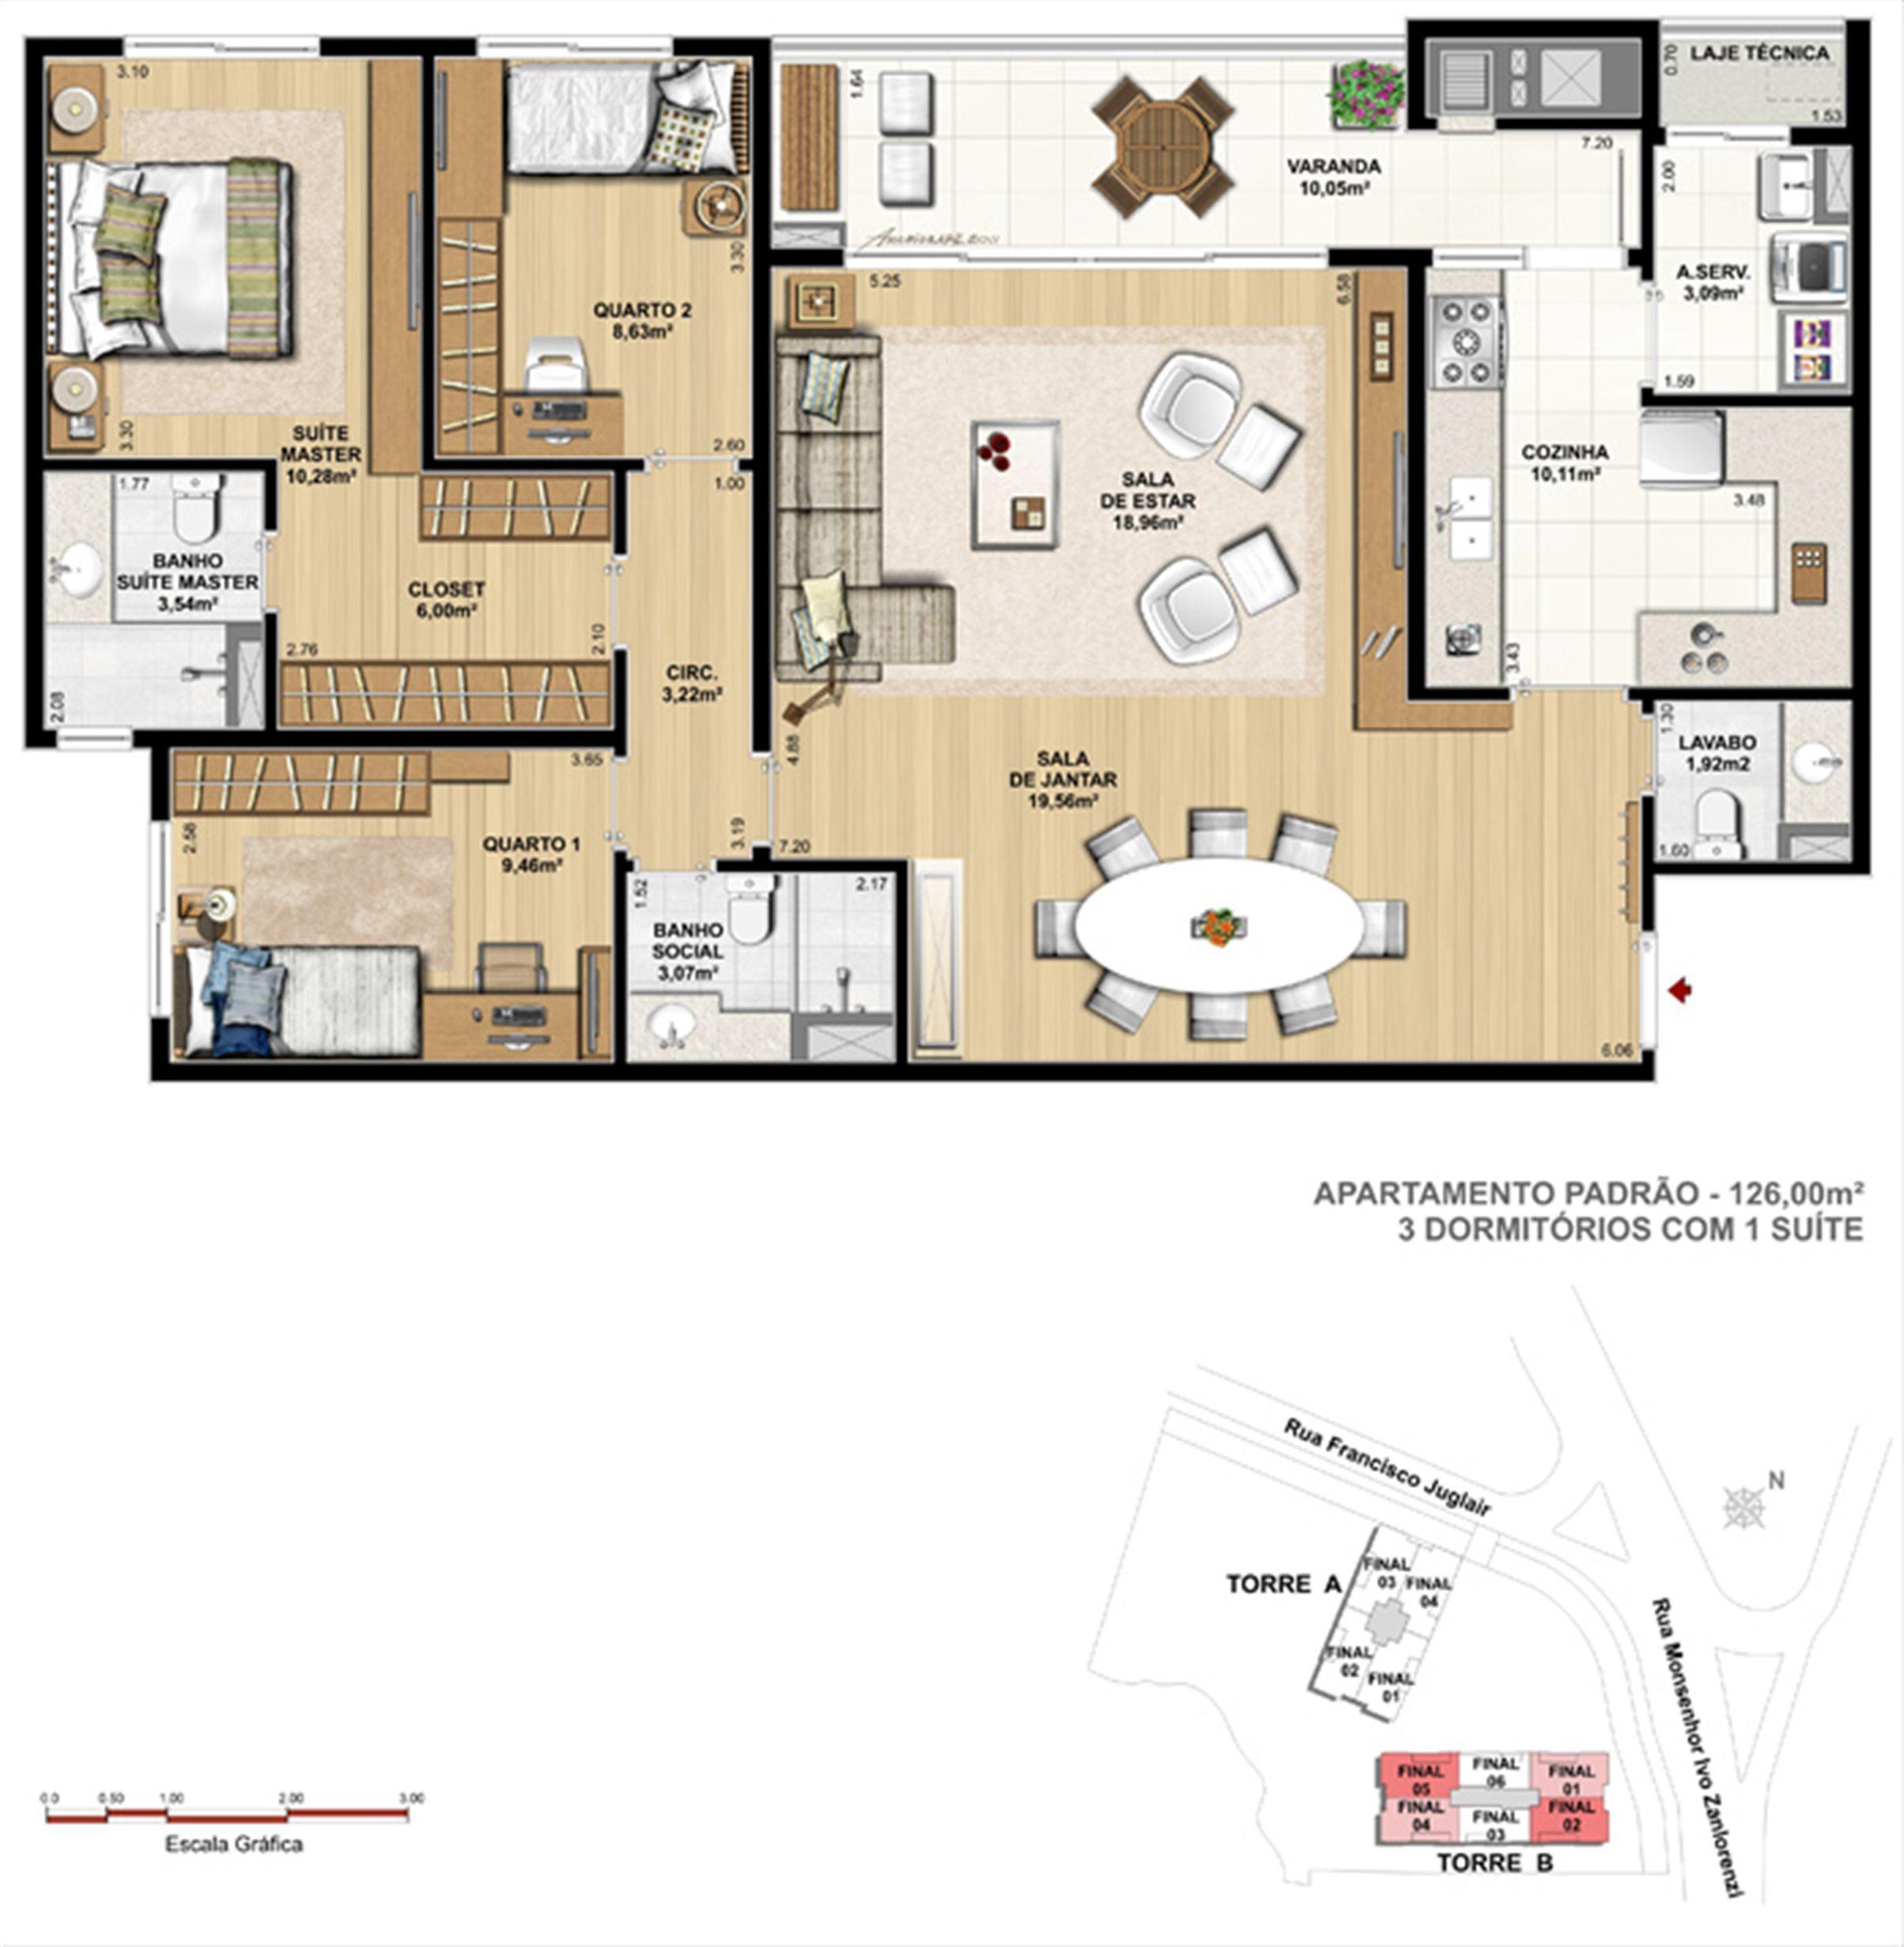 Torre 1  - 3 dormitórios com 1 suíte | Reserva Juglair Ecoville – Apartamento no  Ecoville - Curitiba - Paraná